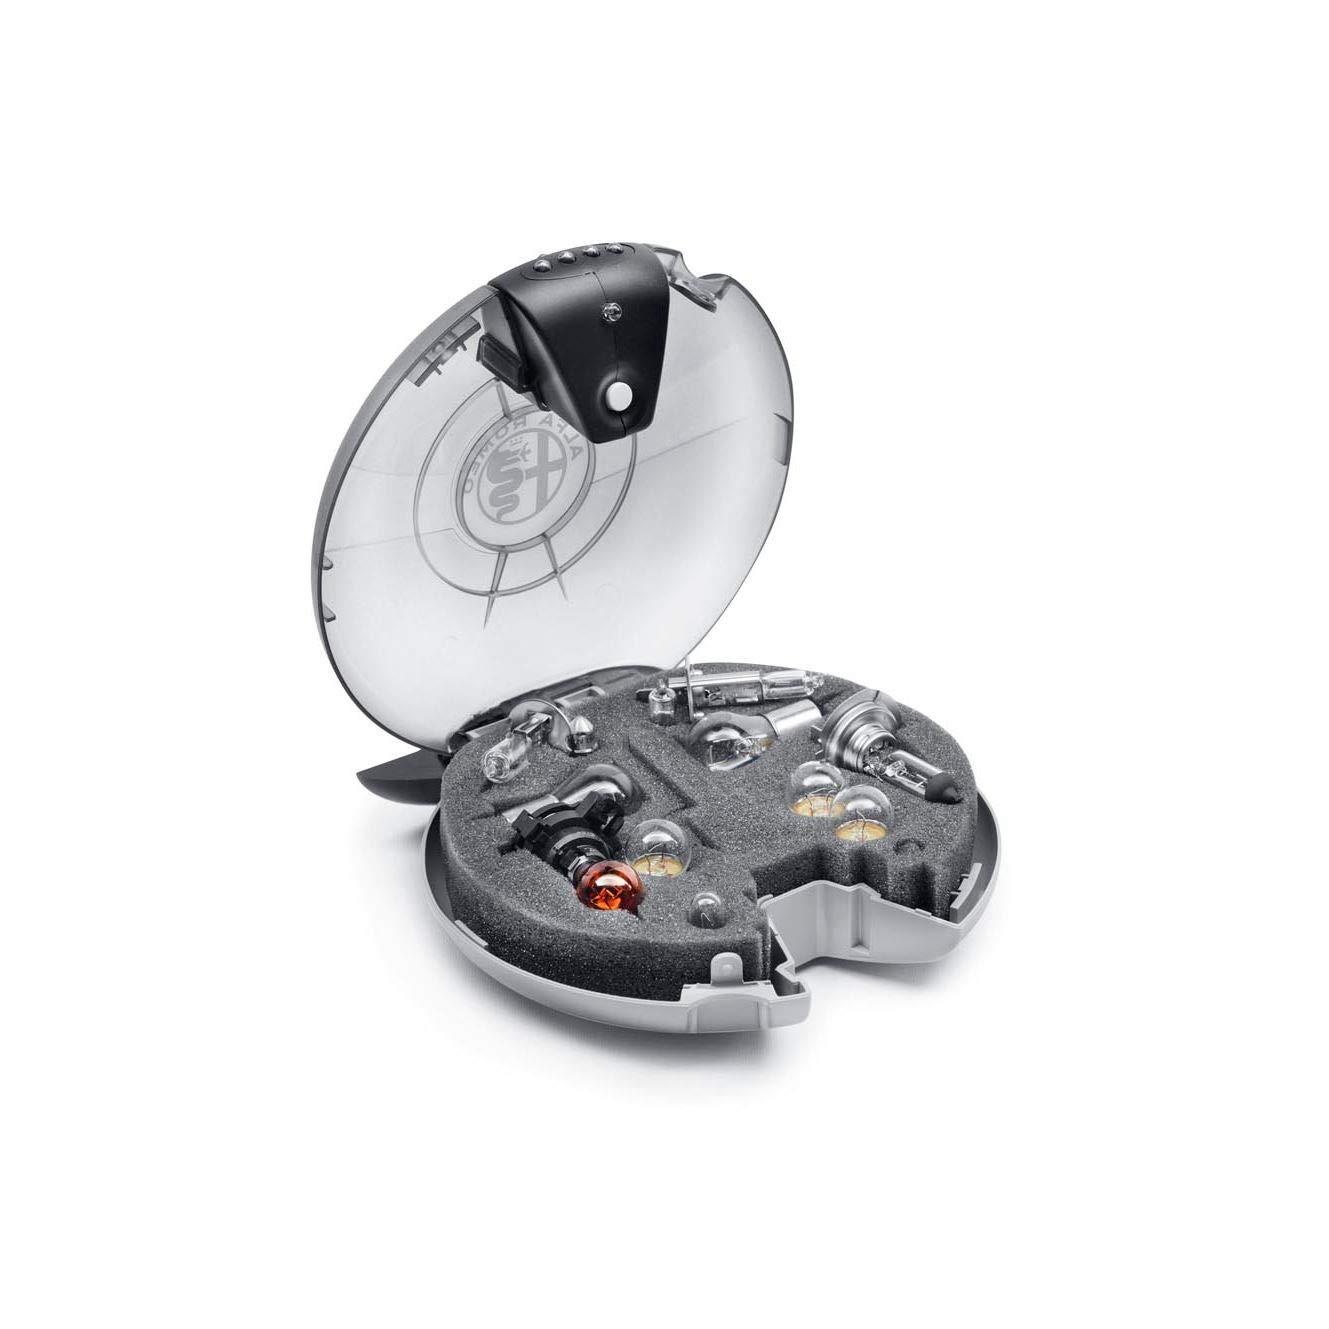 Alfa Romeo Stelvio/Giulia Breakdown/Emergency Bulbs Kit with LED Torch Alfa Romeo (Genuine OE)